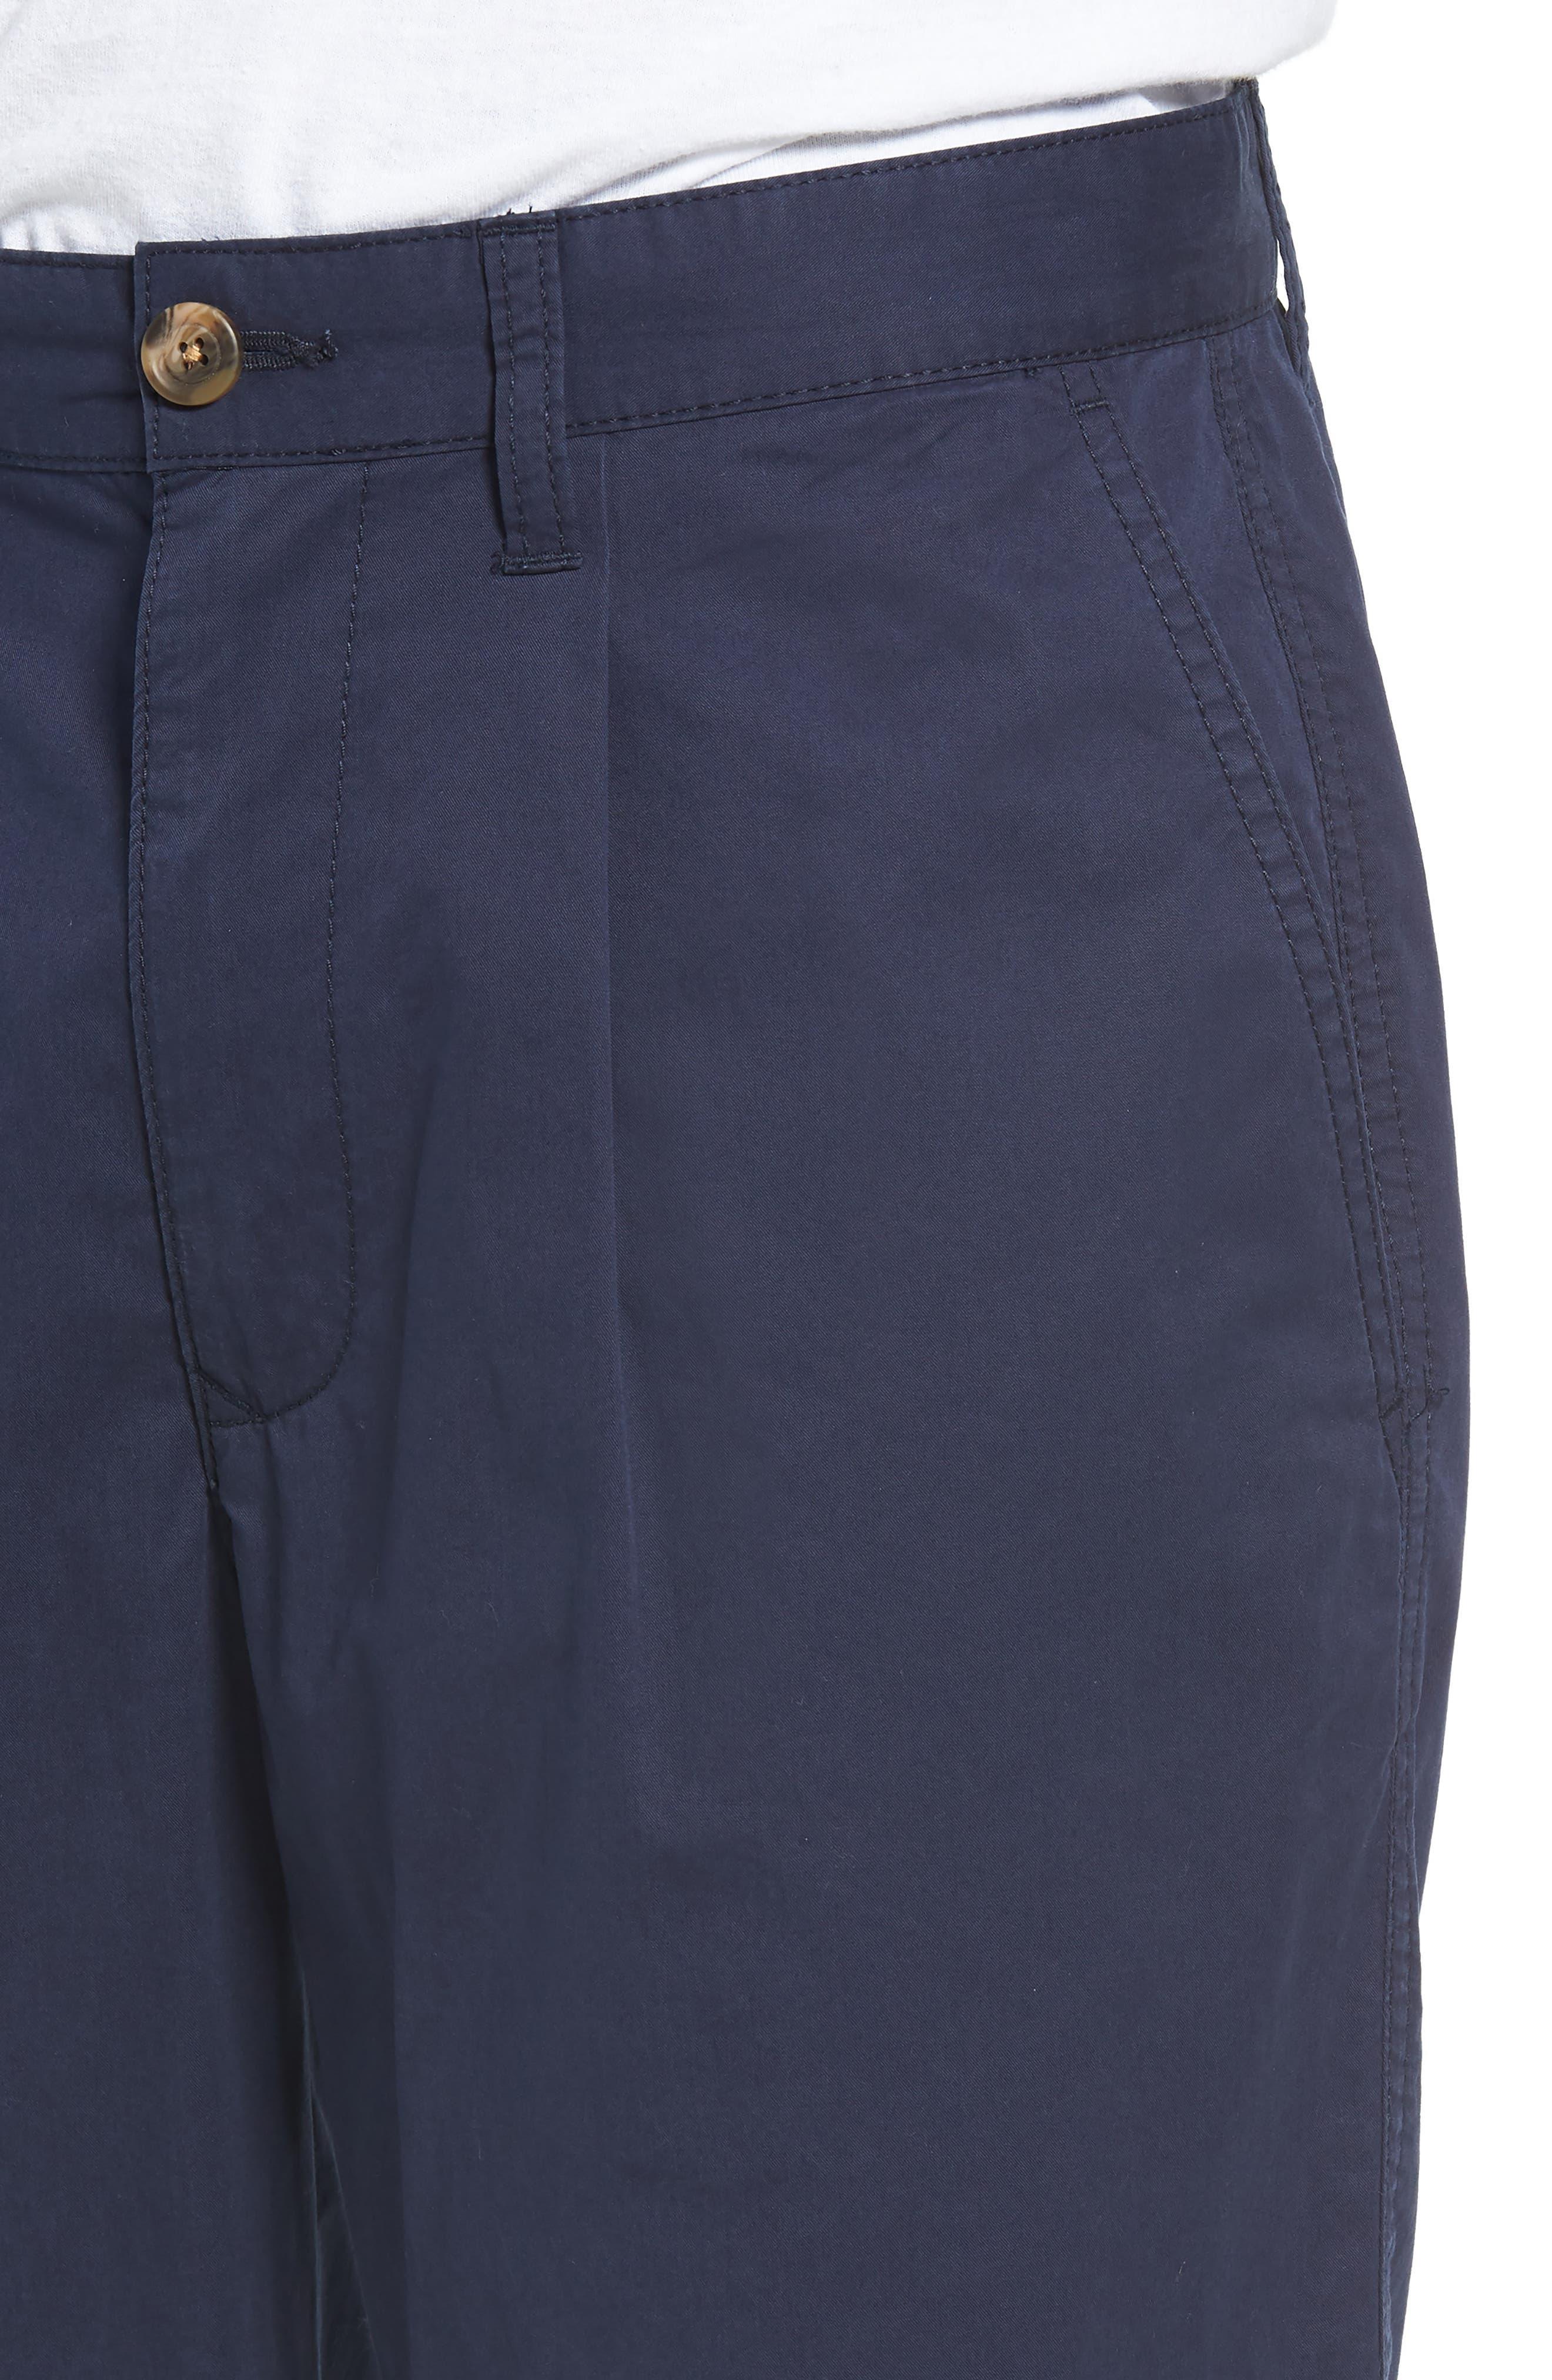 Pleated Chino Shorts,                             Alternate thumbnail 4, color,                             Navy Peacoat